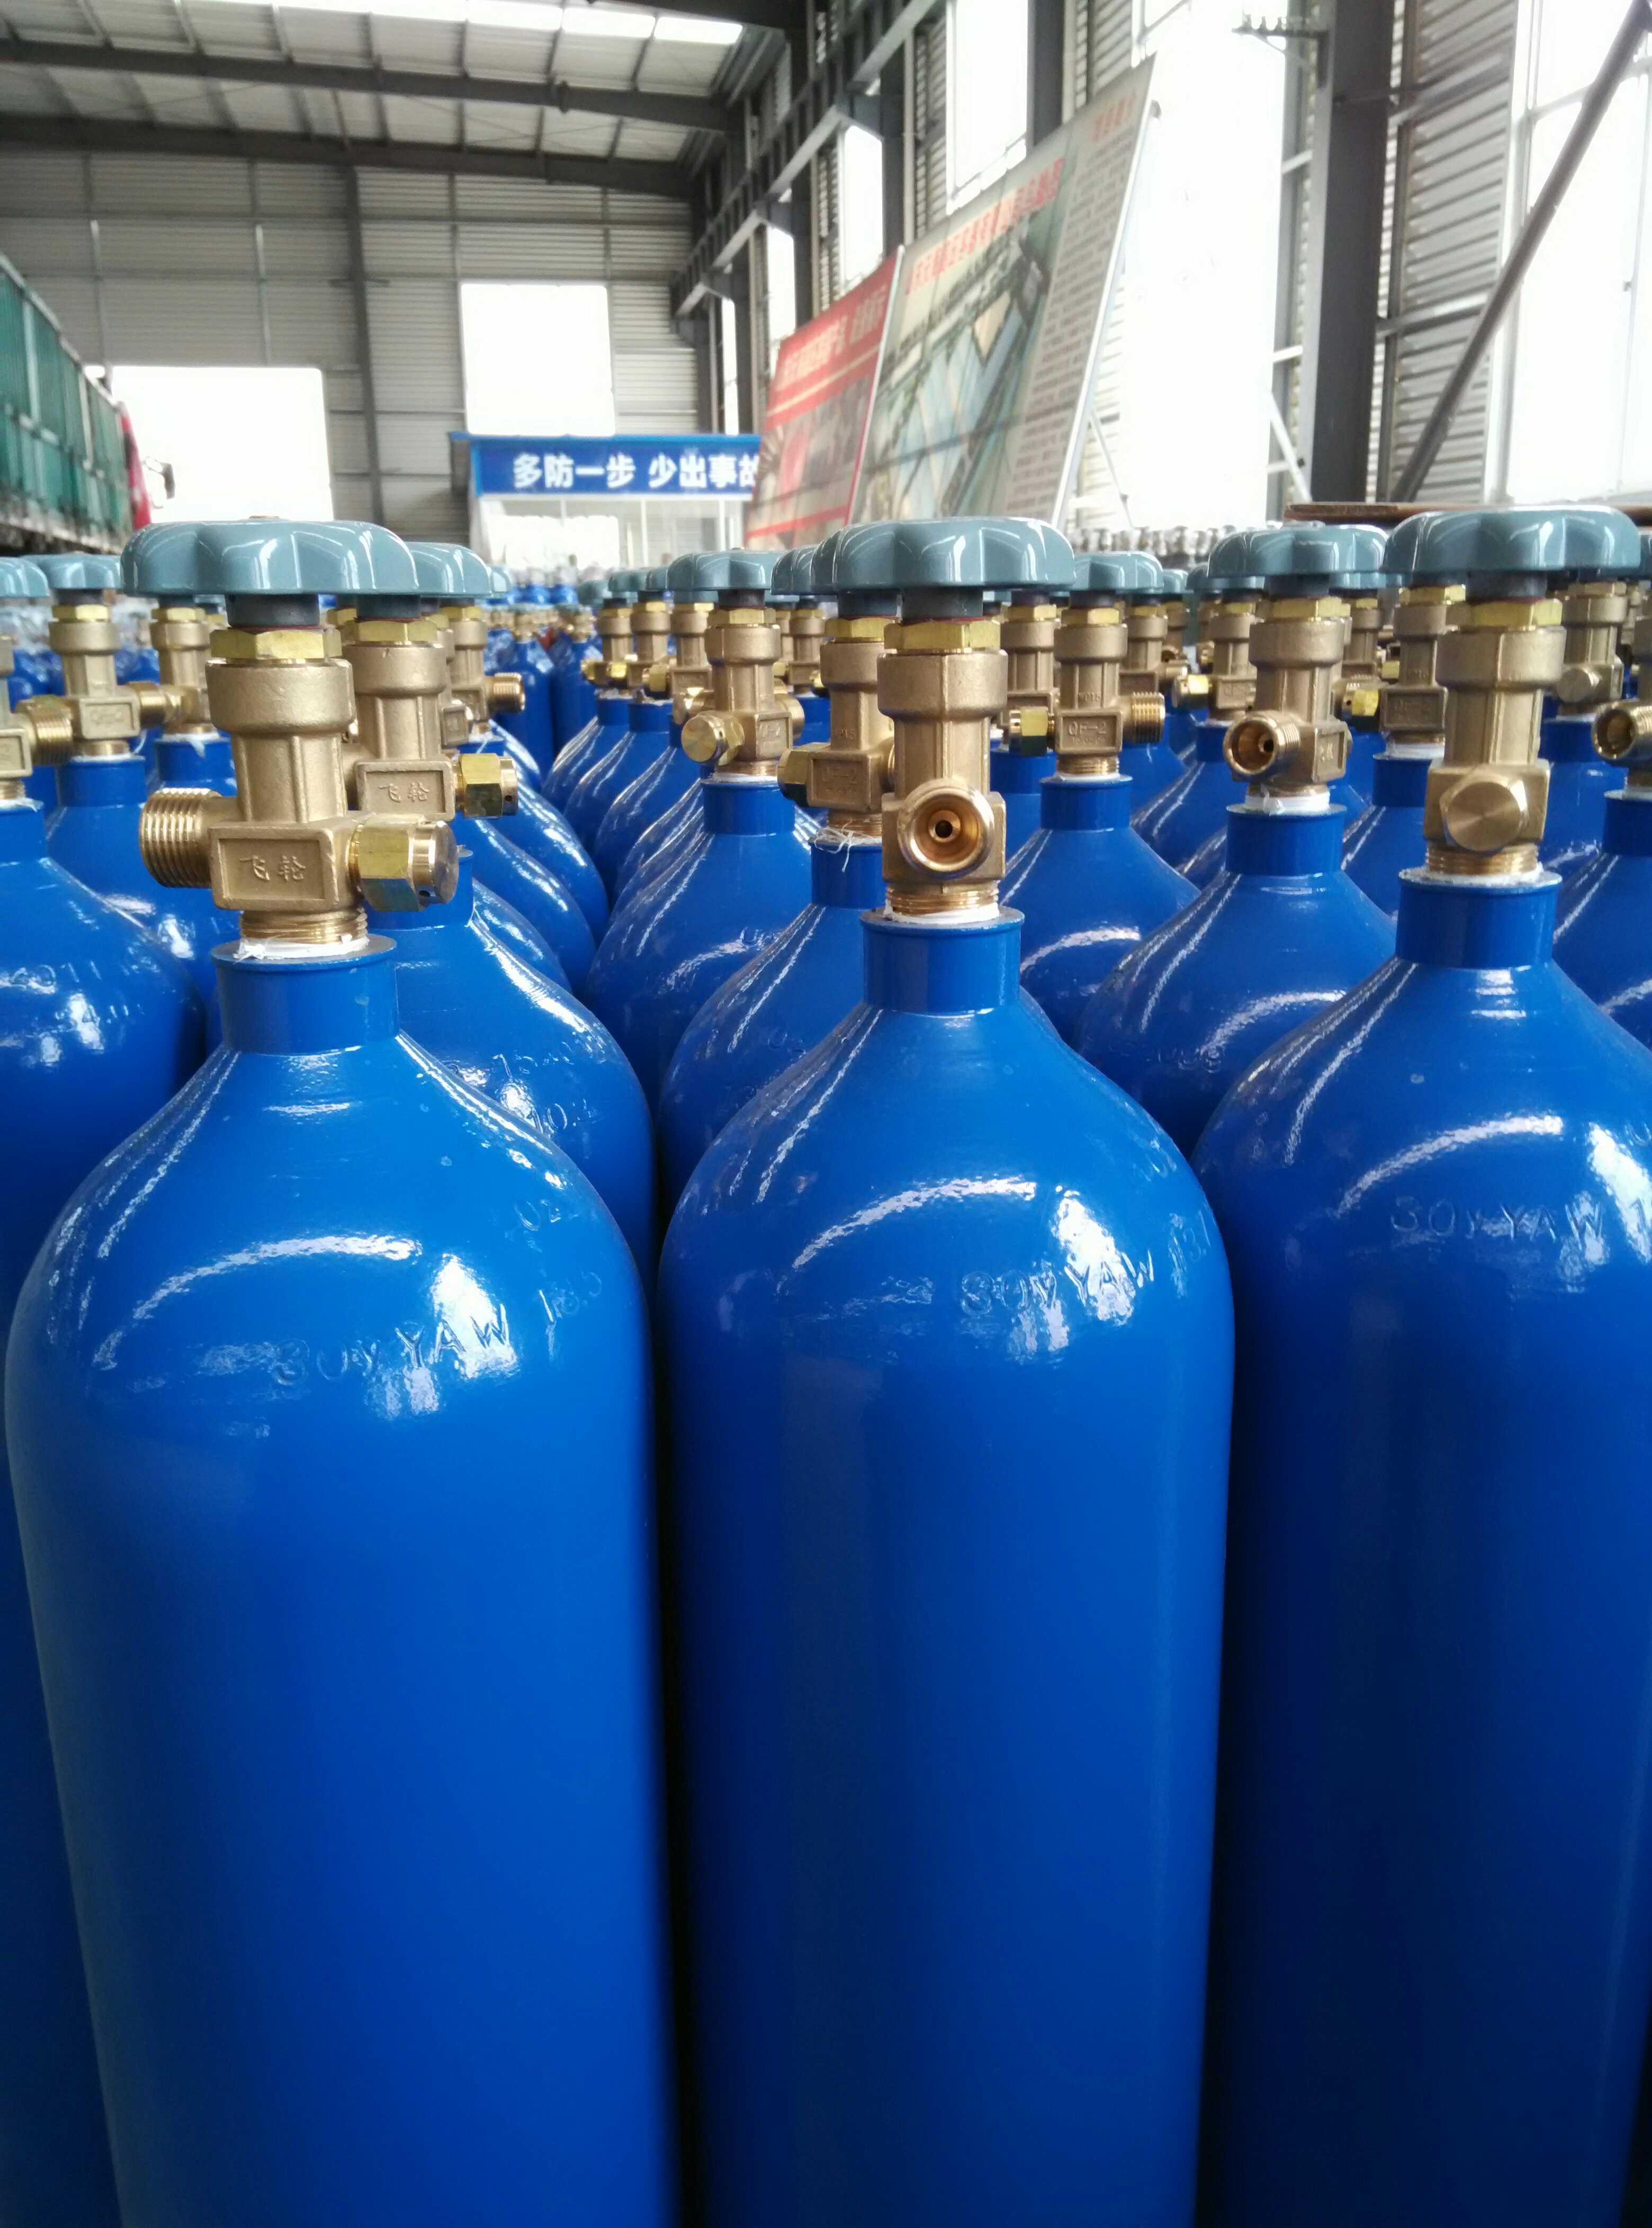 供应山东永安牌40升氧气瓶氮气瓶氢气瓶二氧化碳瓶氦气瓶氖气瓶六氟化硫瓶